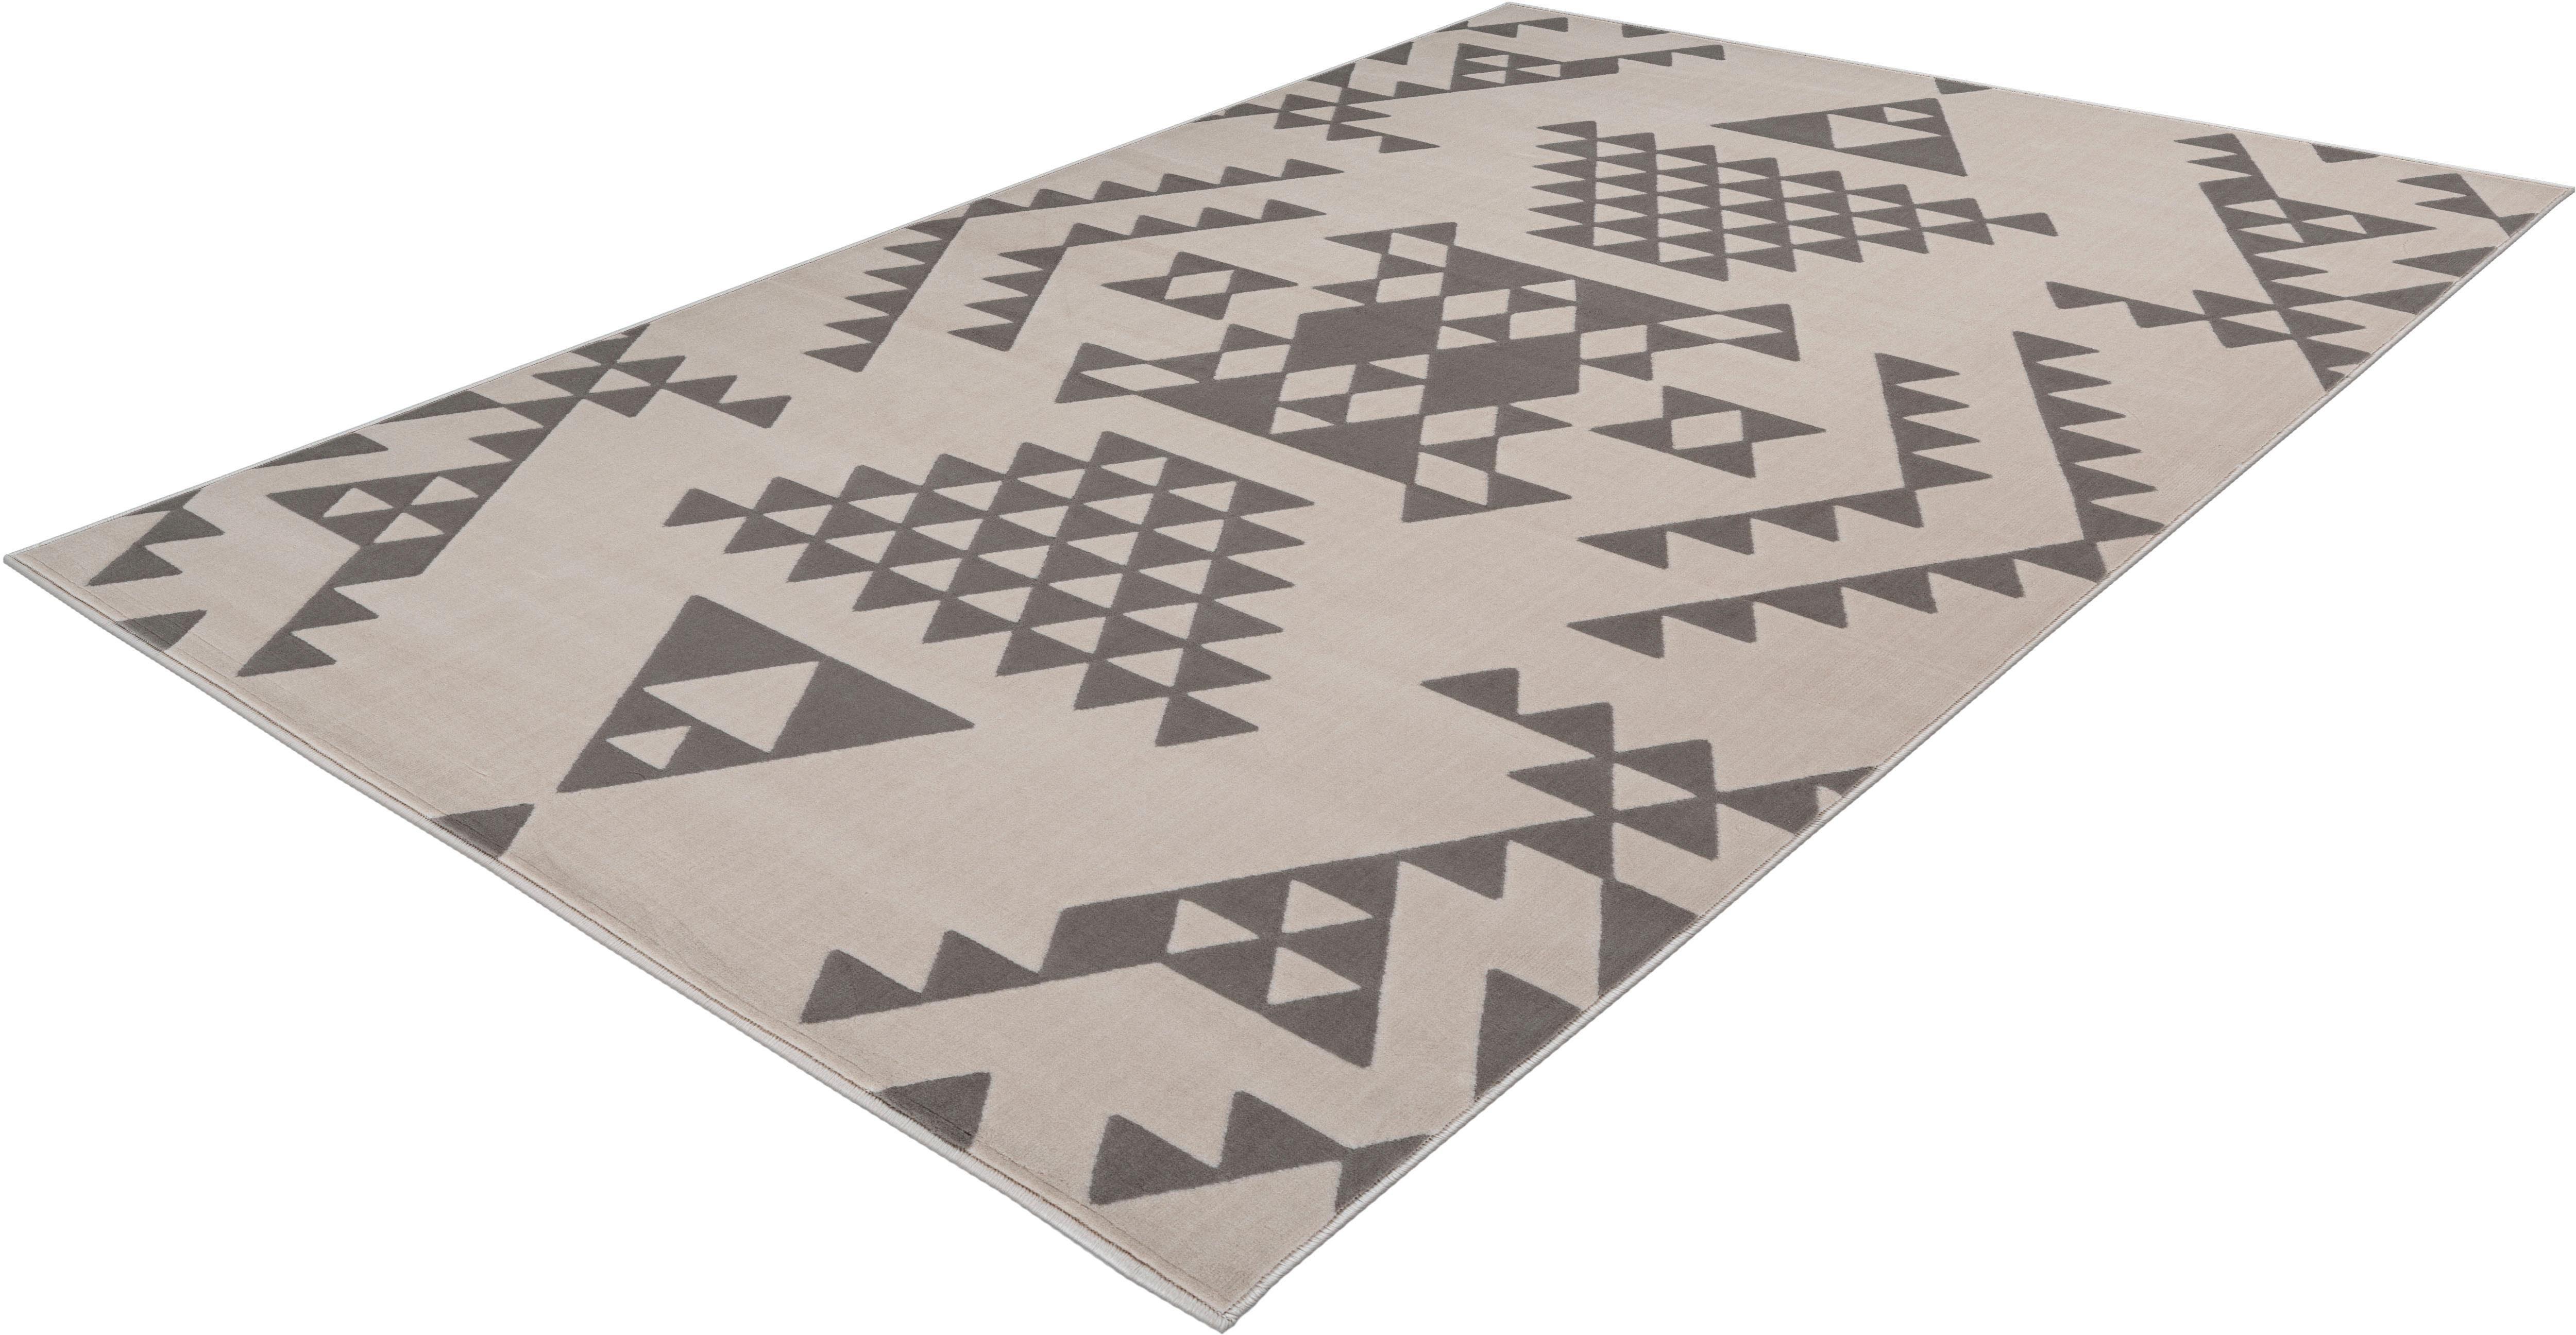 Teppich »Esperanto 625«, Kayoom, rechteckig, Höhe 10 mm